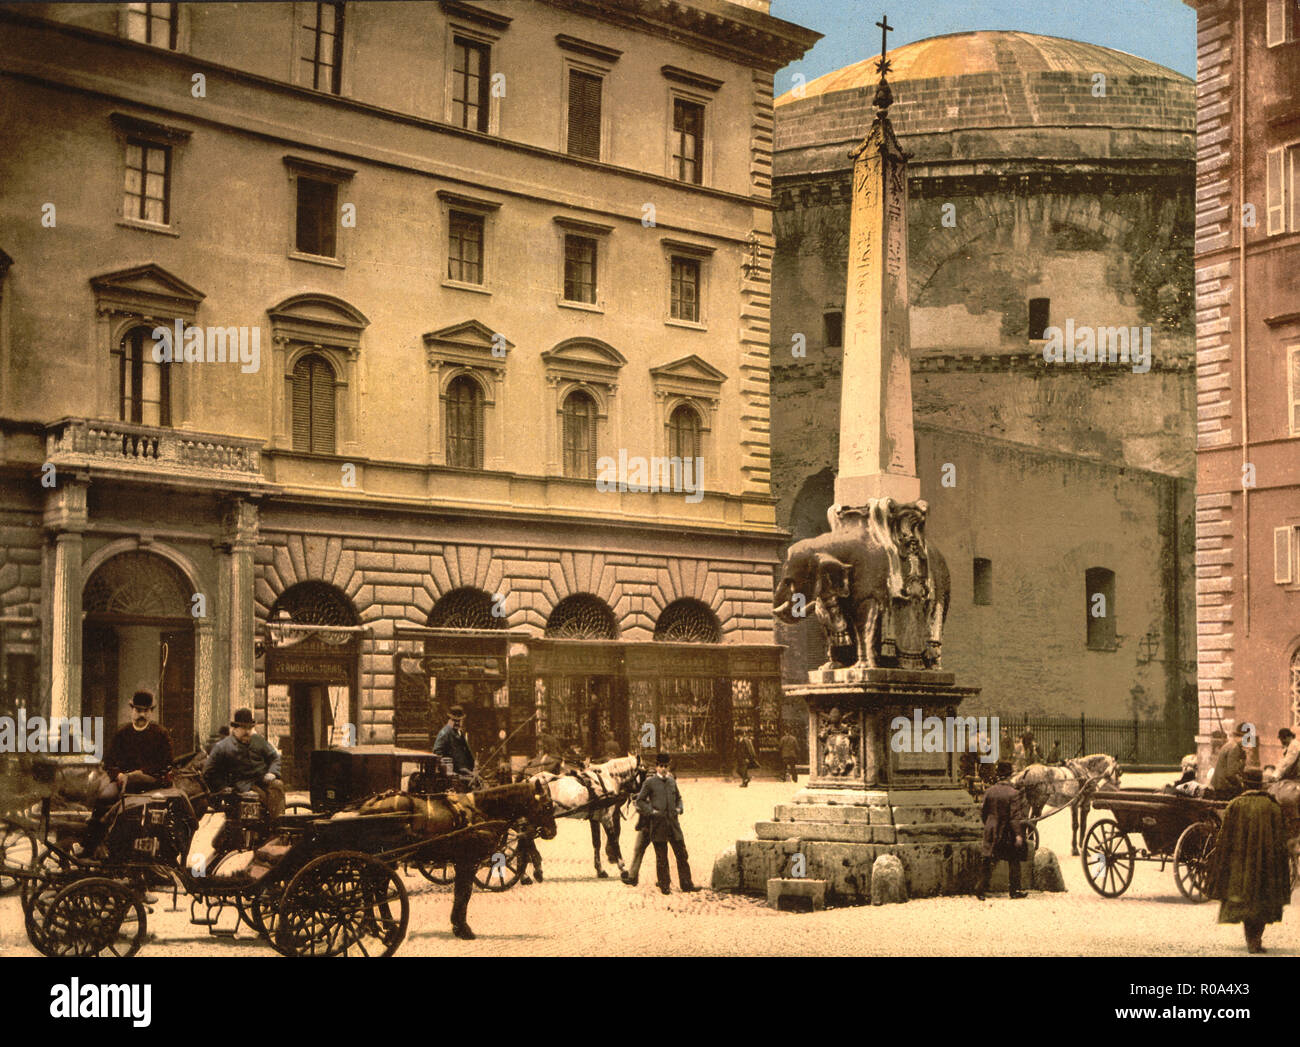 Piazza della Minerva, Rome, Italy, Photochrome Print, Detroit Publishing Company, 1900 - Stock Image